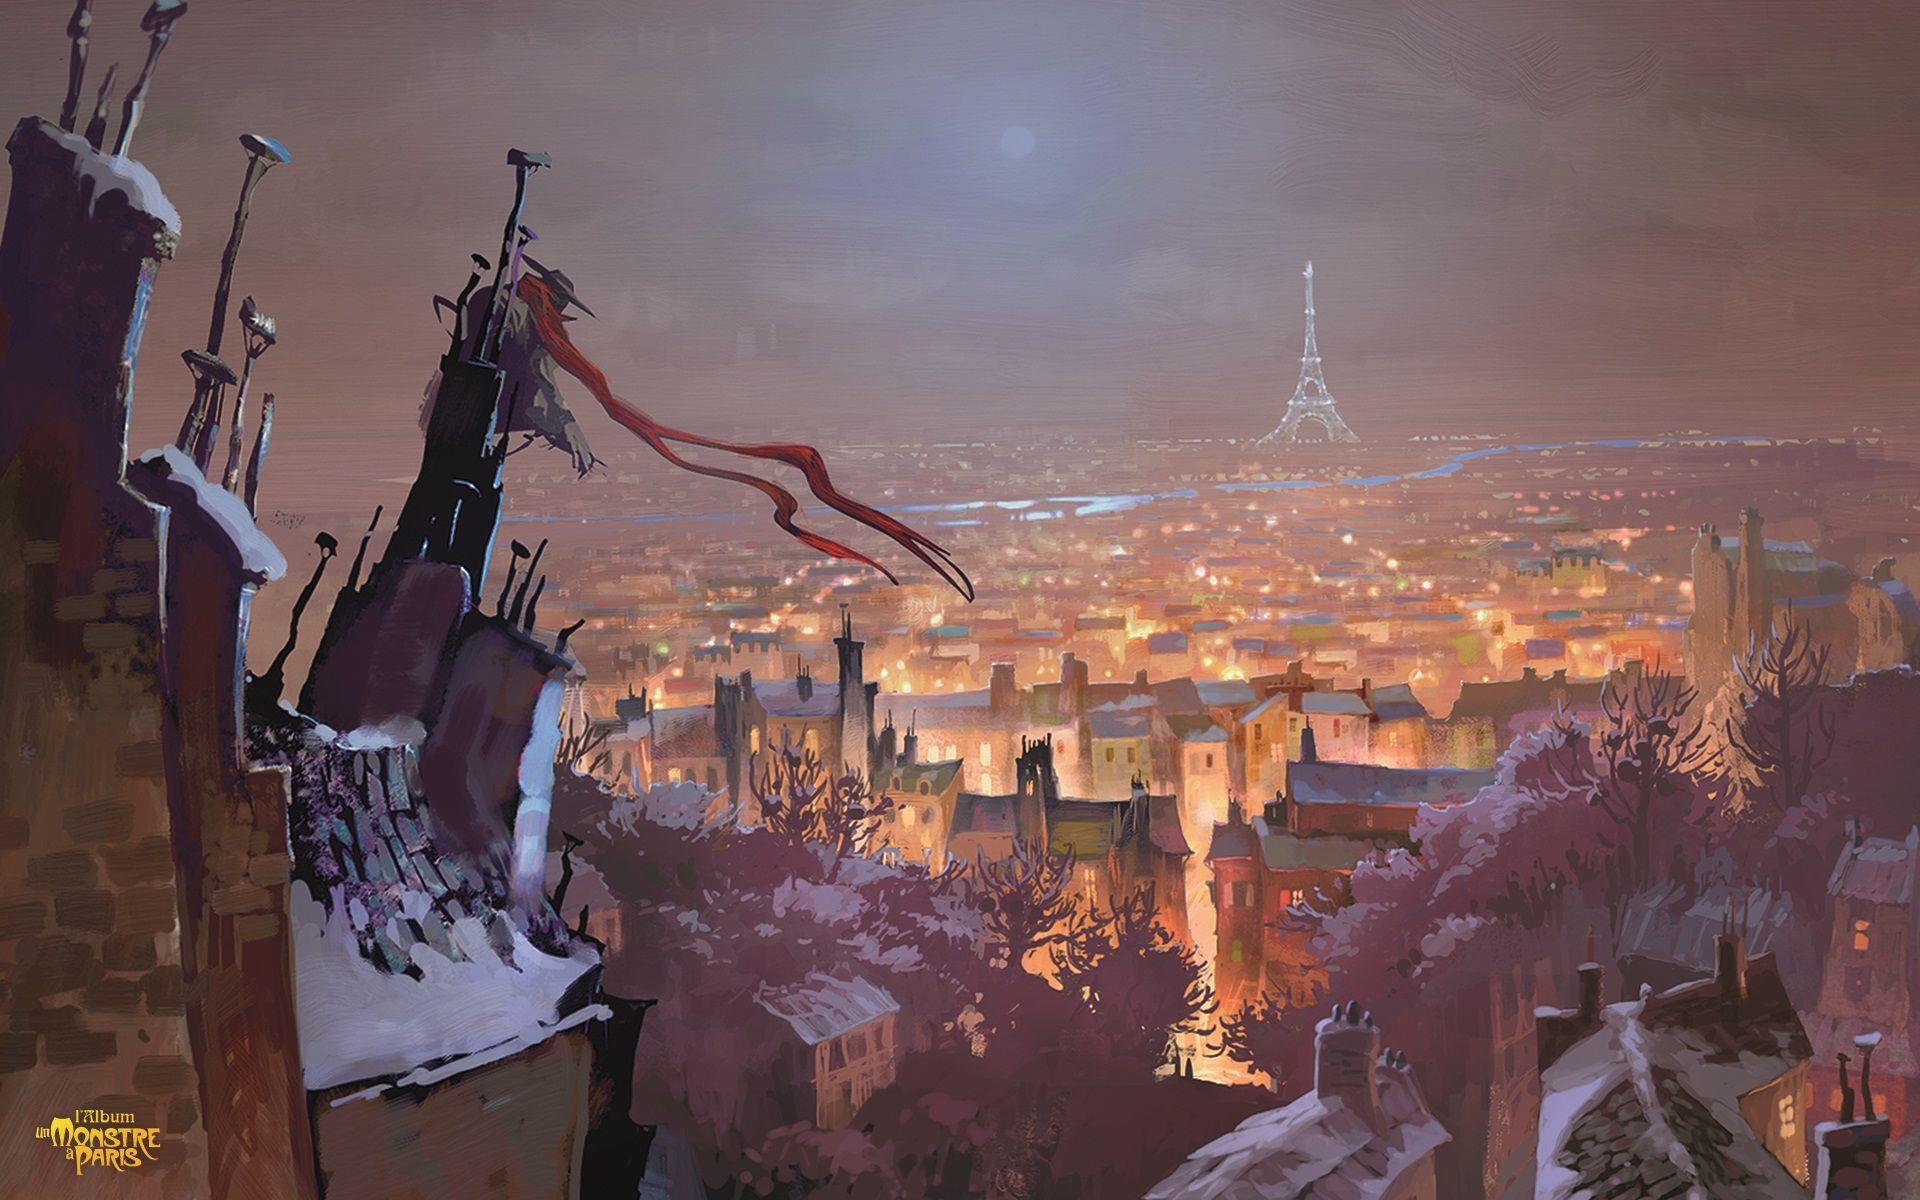 Смотреть монстр в париже 21 фотография